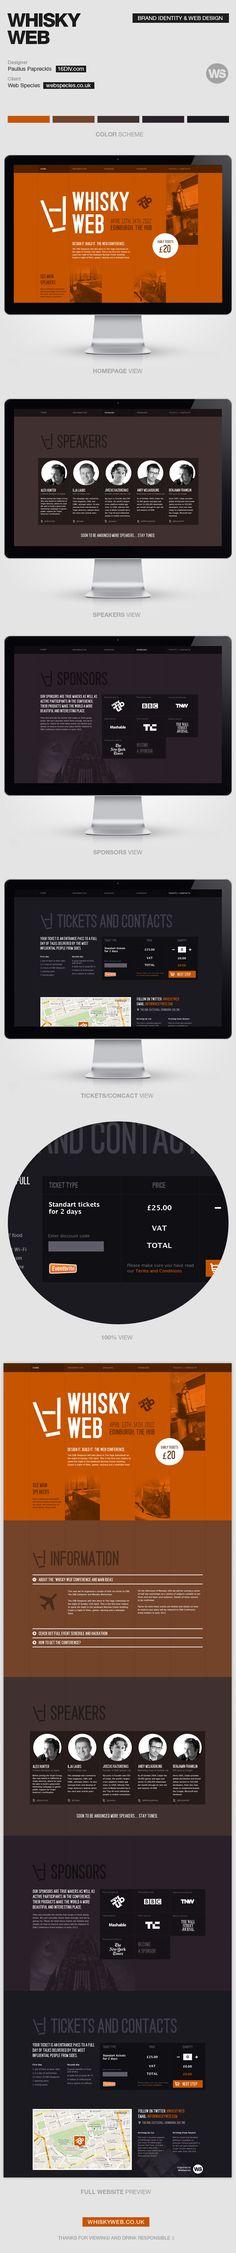 whiskey web | #webdesign #it #web #design #layout #userinterface #website #webdesign < repinned by www.BlickeDeeler.de